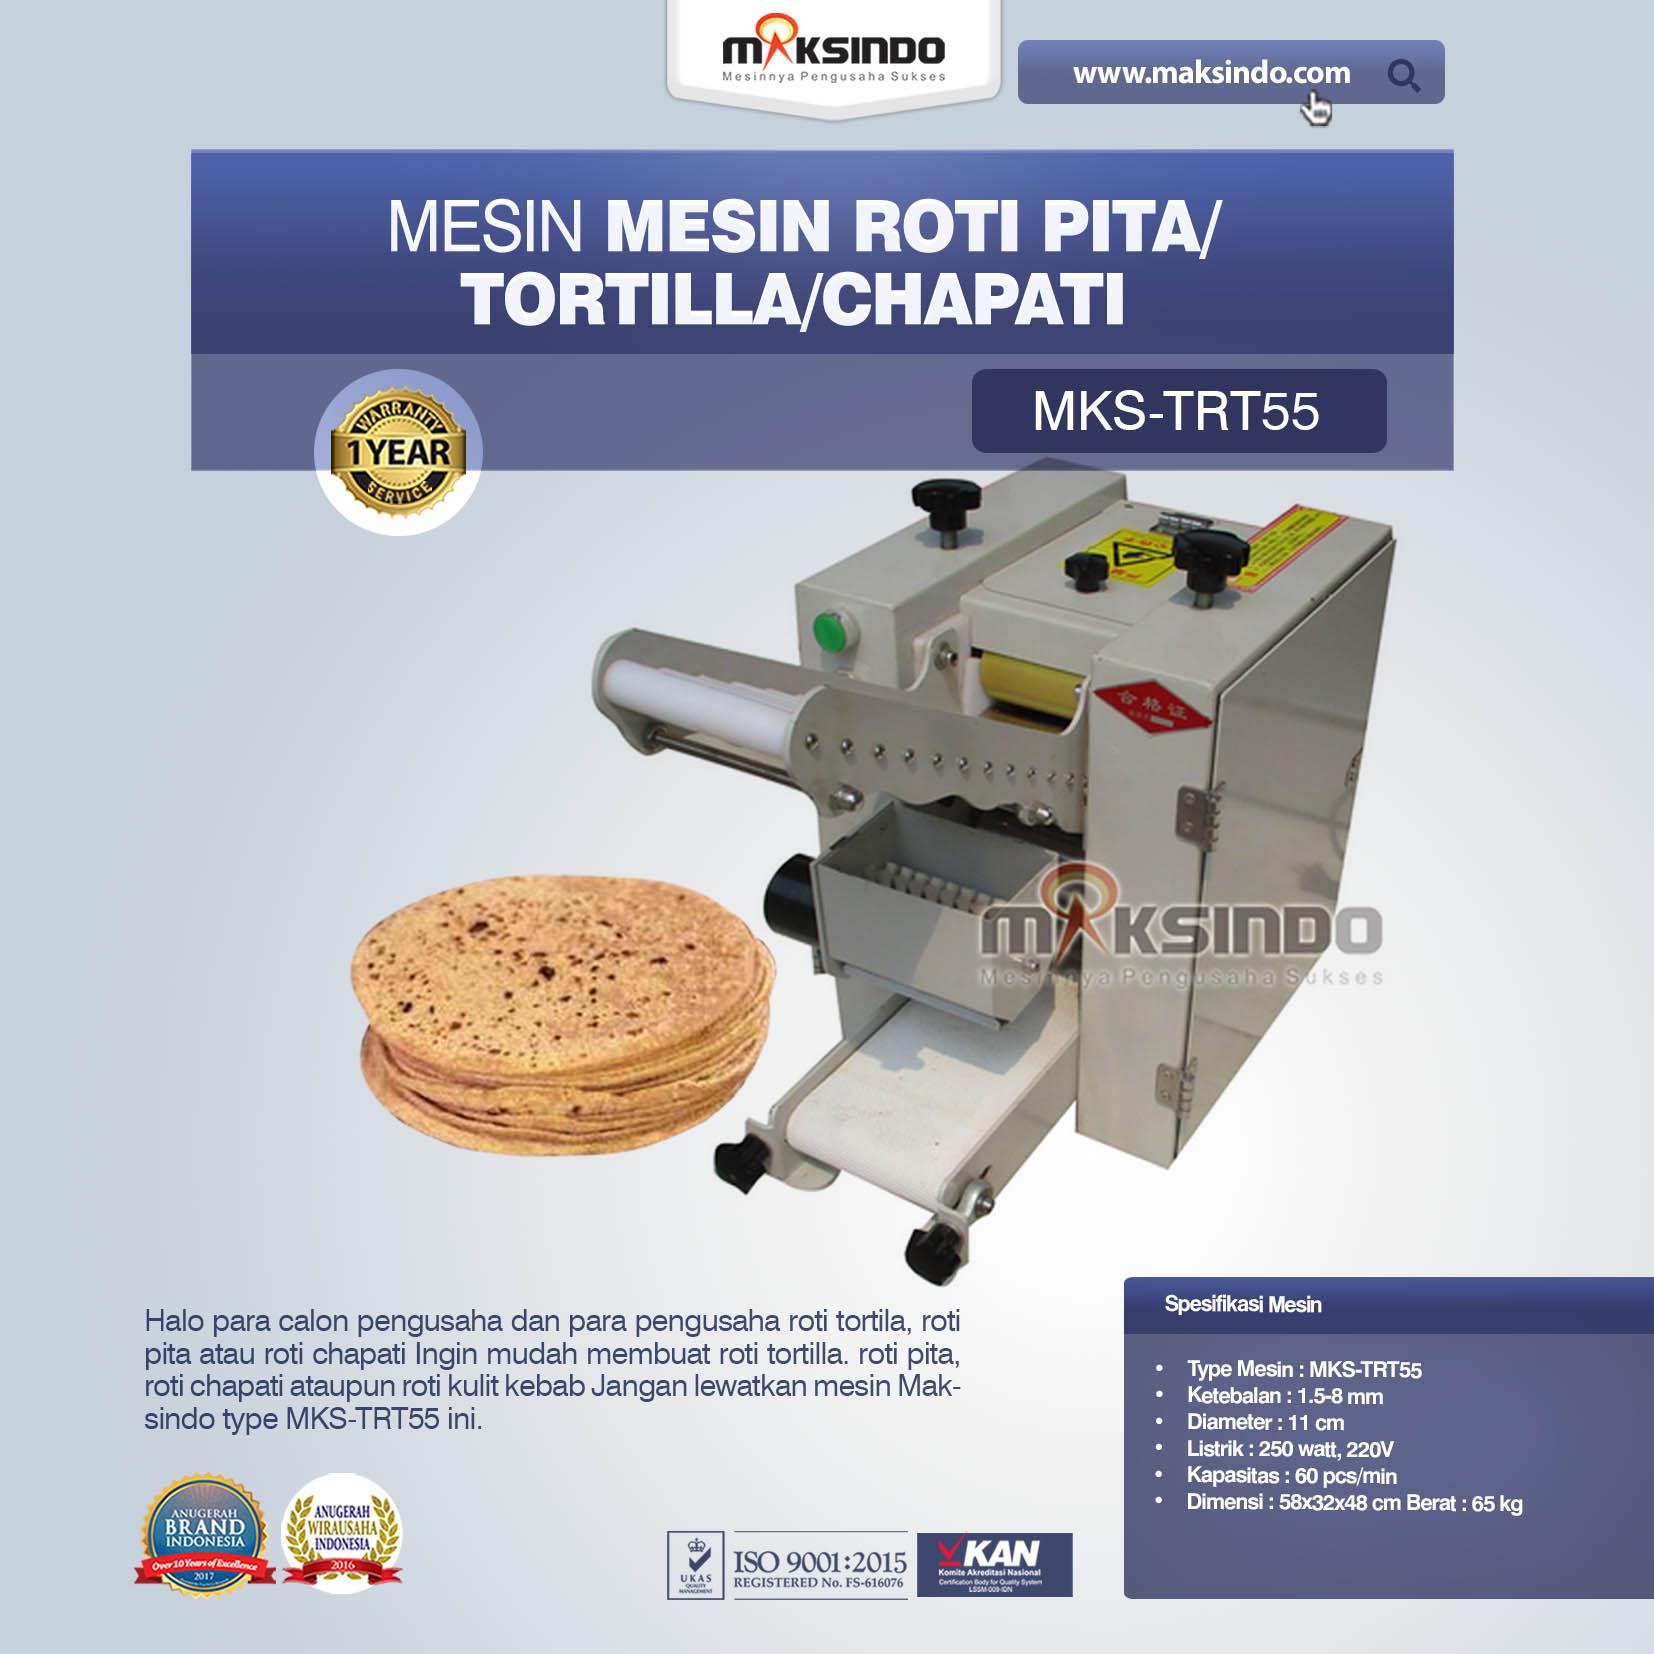 Jual Mesin Roti Pita/Tortilla/Chapati MKS-TRT55 di Jakarta